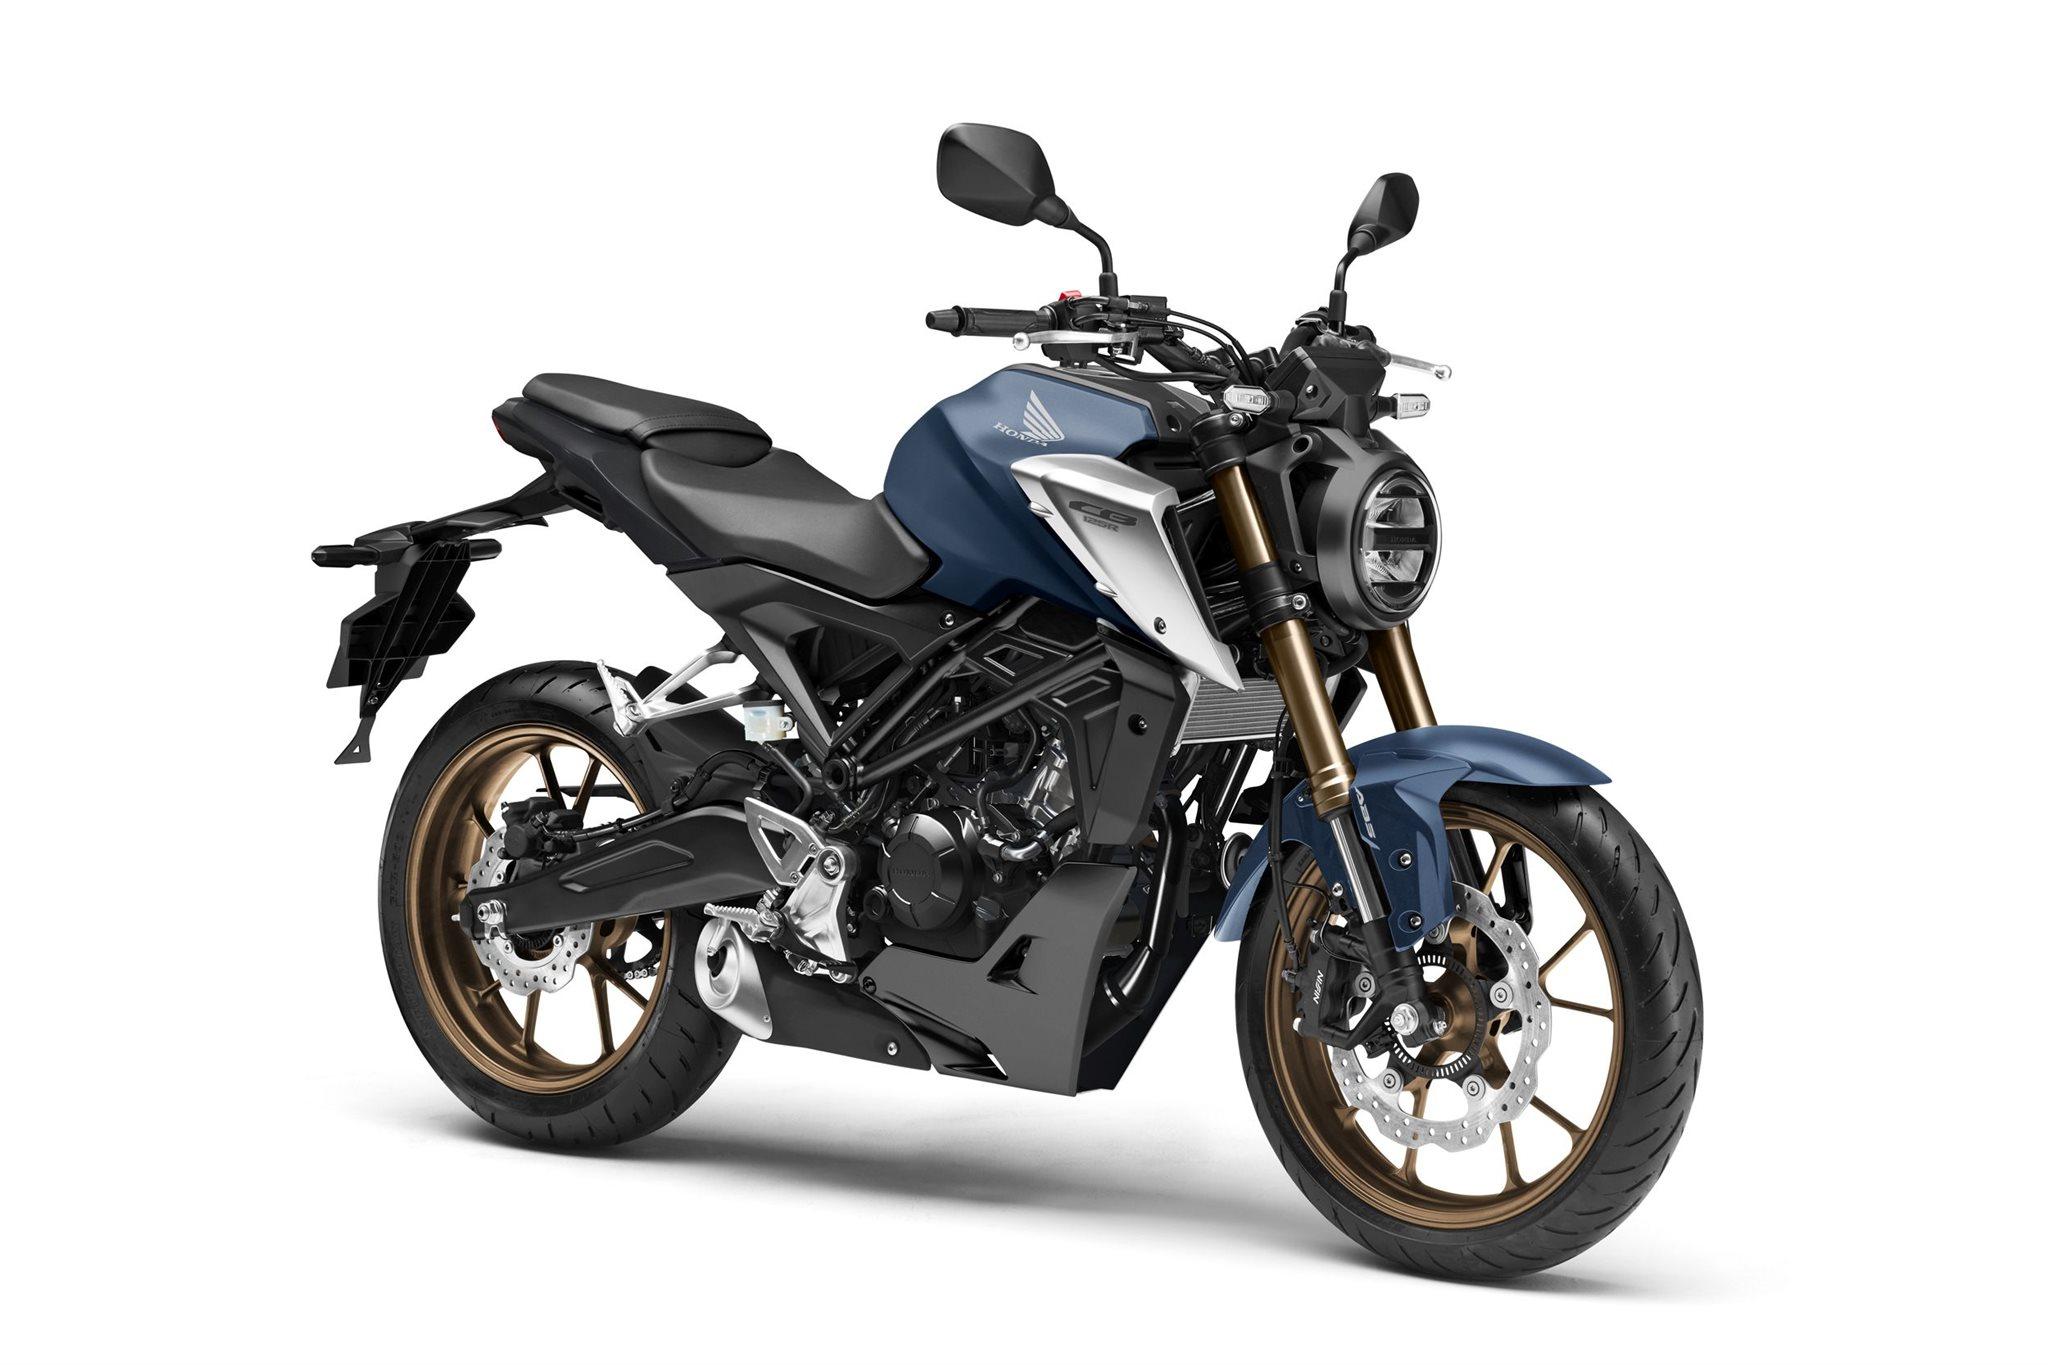 Gebrauchte Und Neue Honda Cb125r Motorrader Kaufen